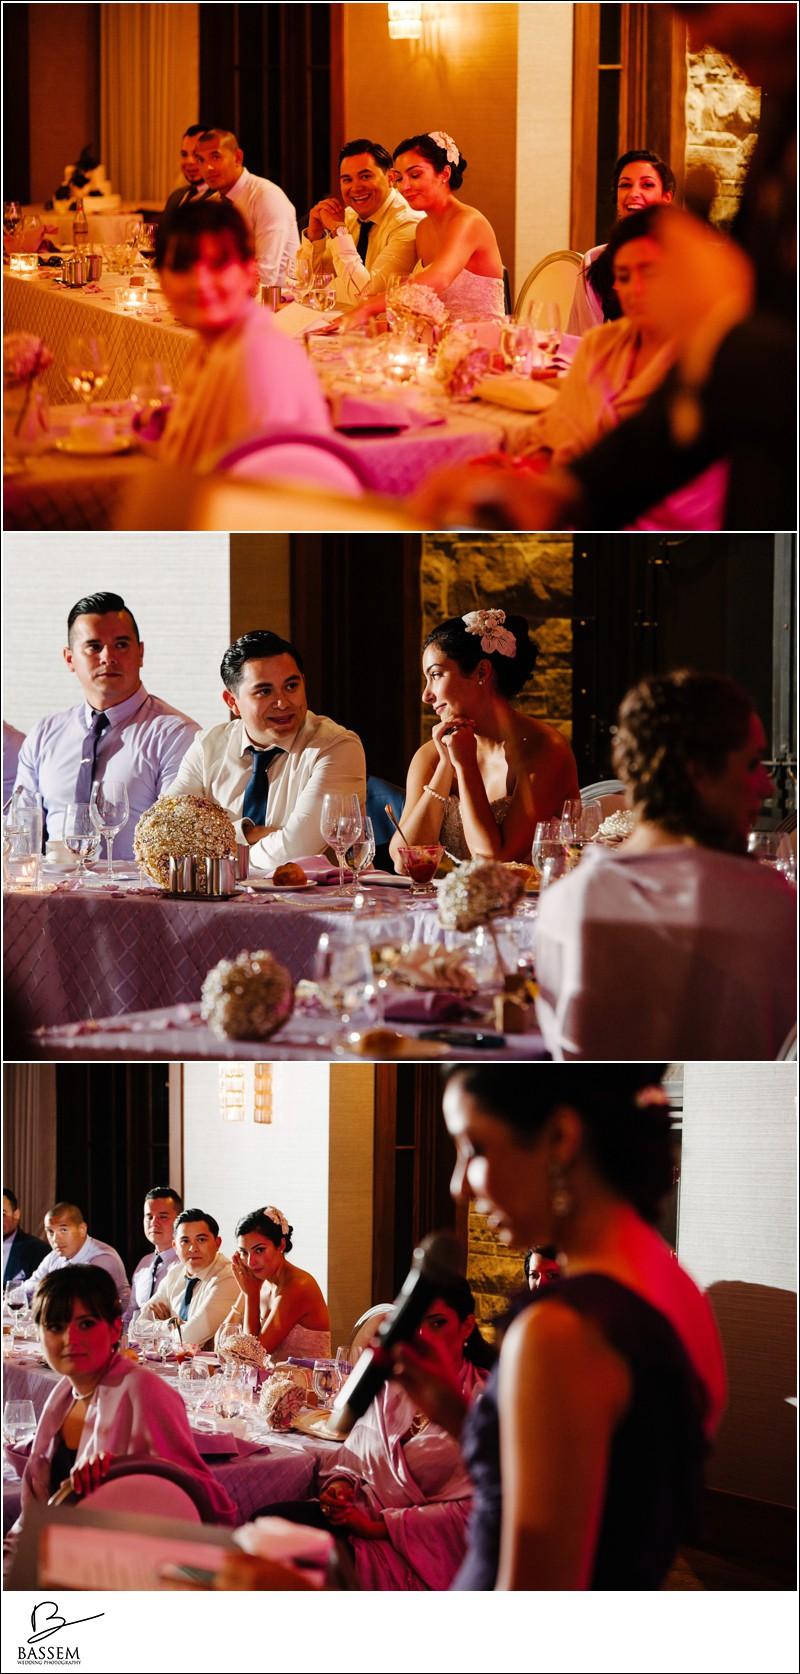 whistle-bear-golf-club-wedding-bassem-164